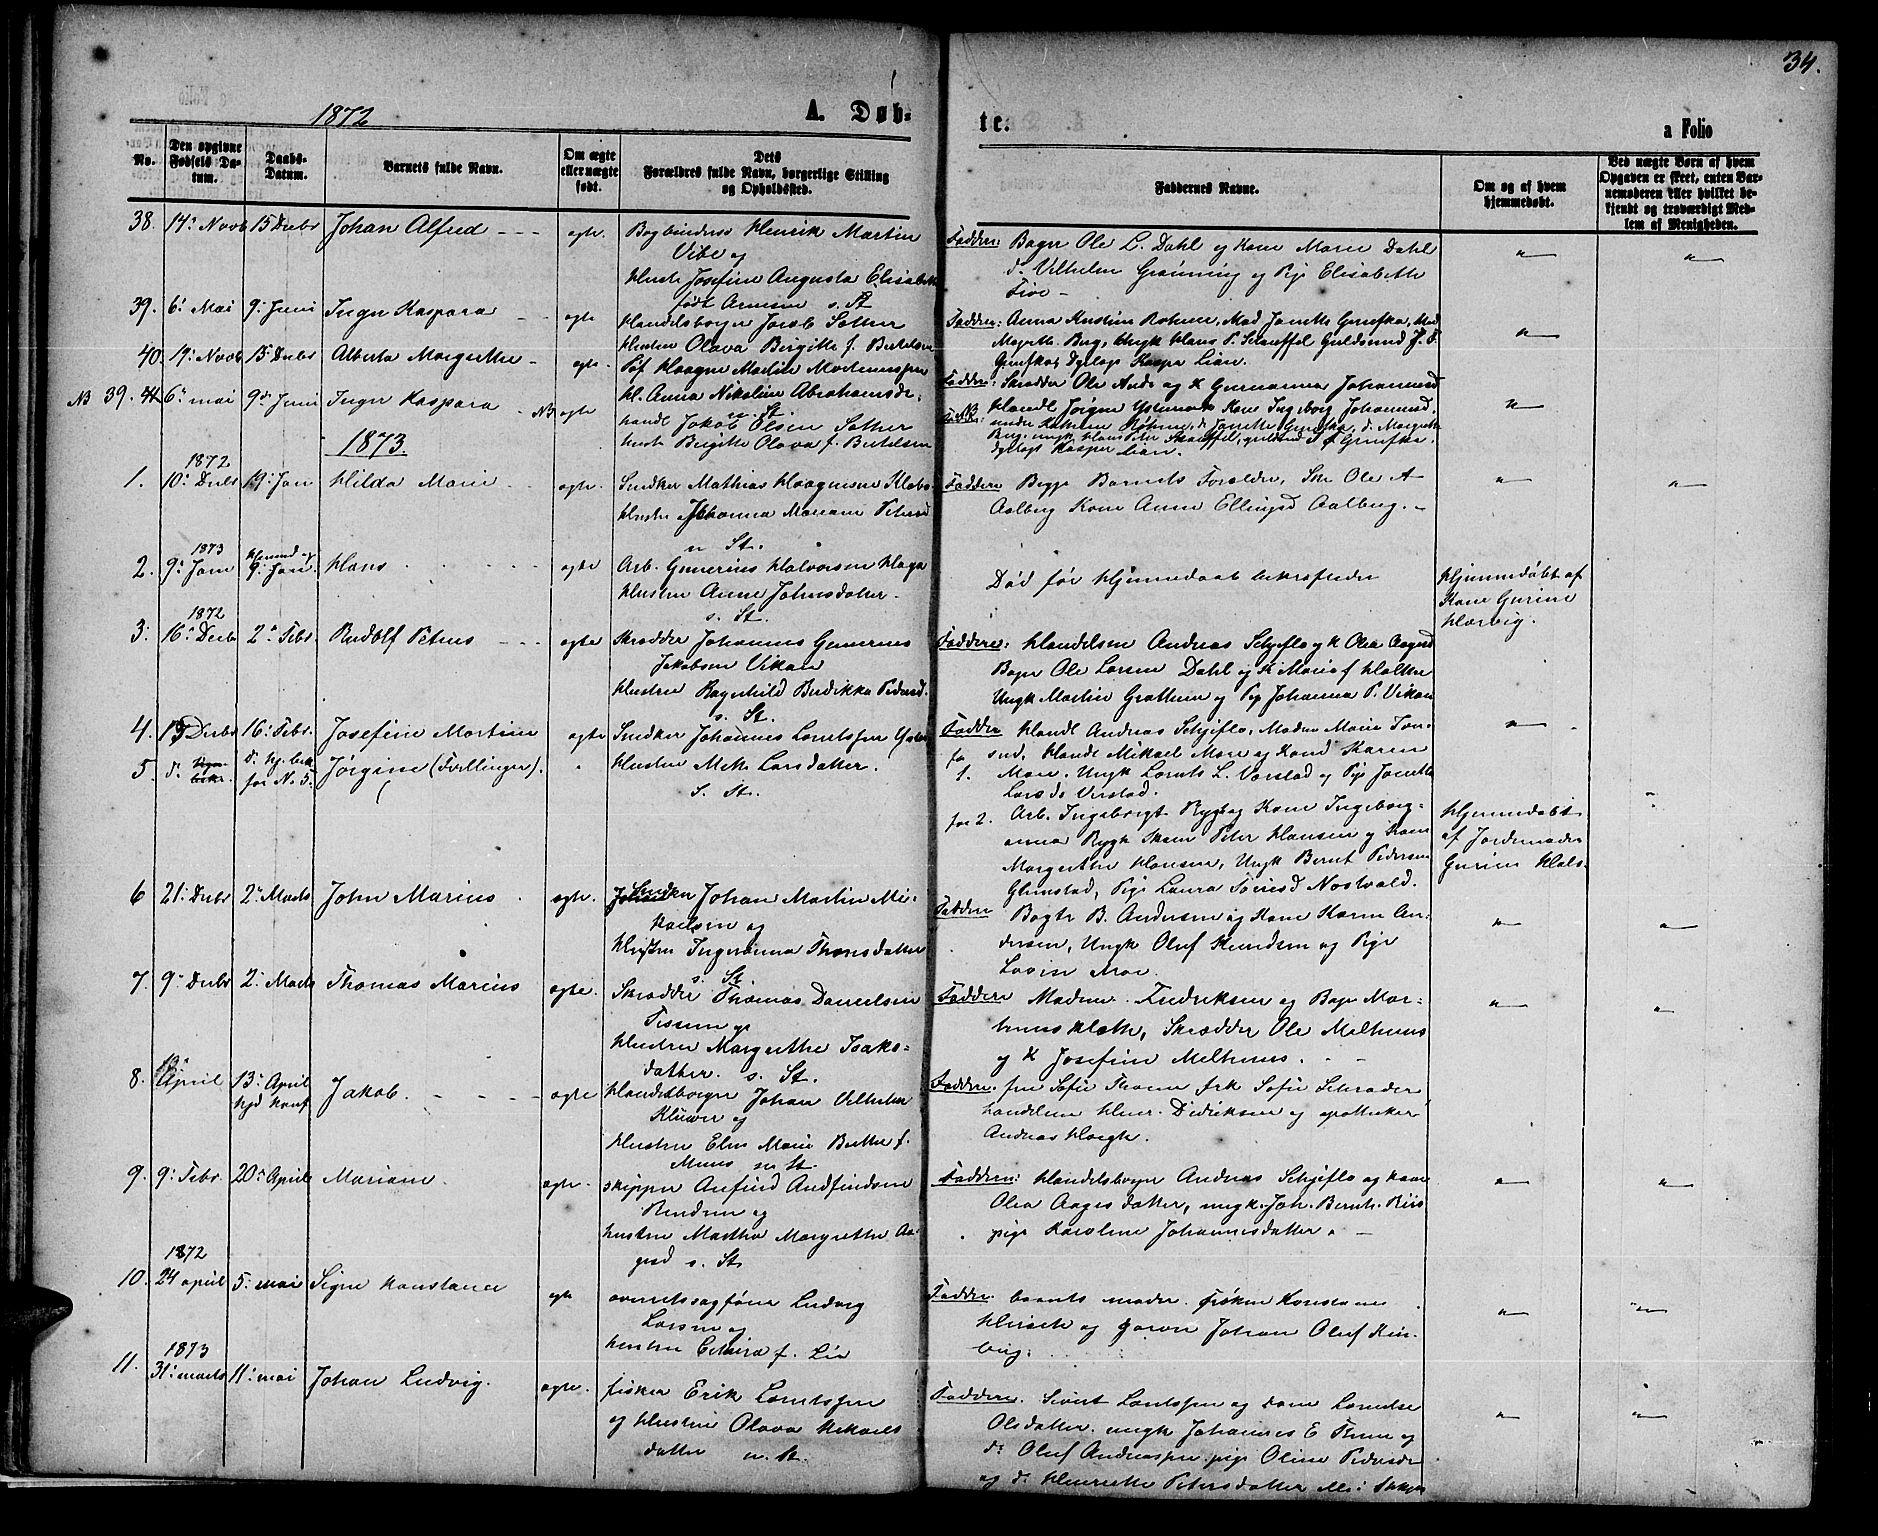 SAT, Ministerialprotokoller, klokkerbøker og fødselsregistre - Nord-Trøndelag, 739/L0373: Klokkerbok nr. 739C01, 1865-1882, s. 34